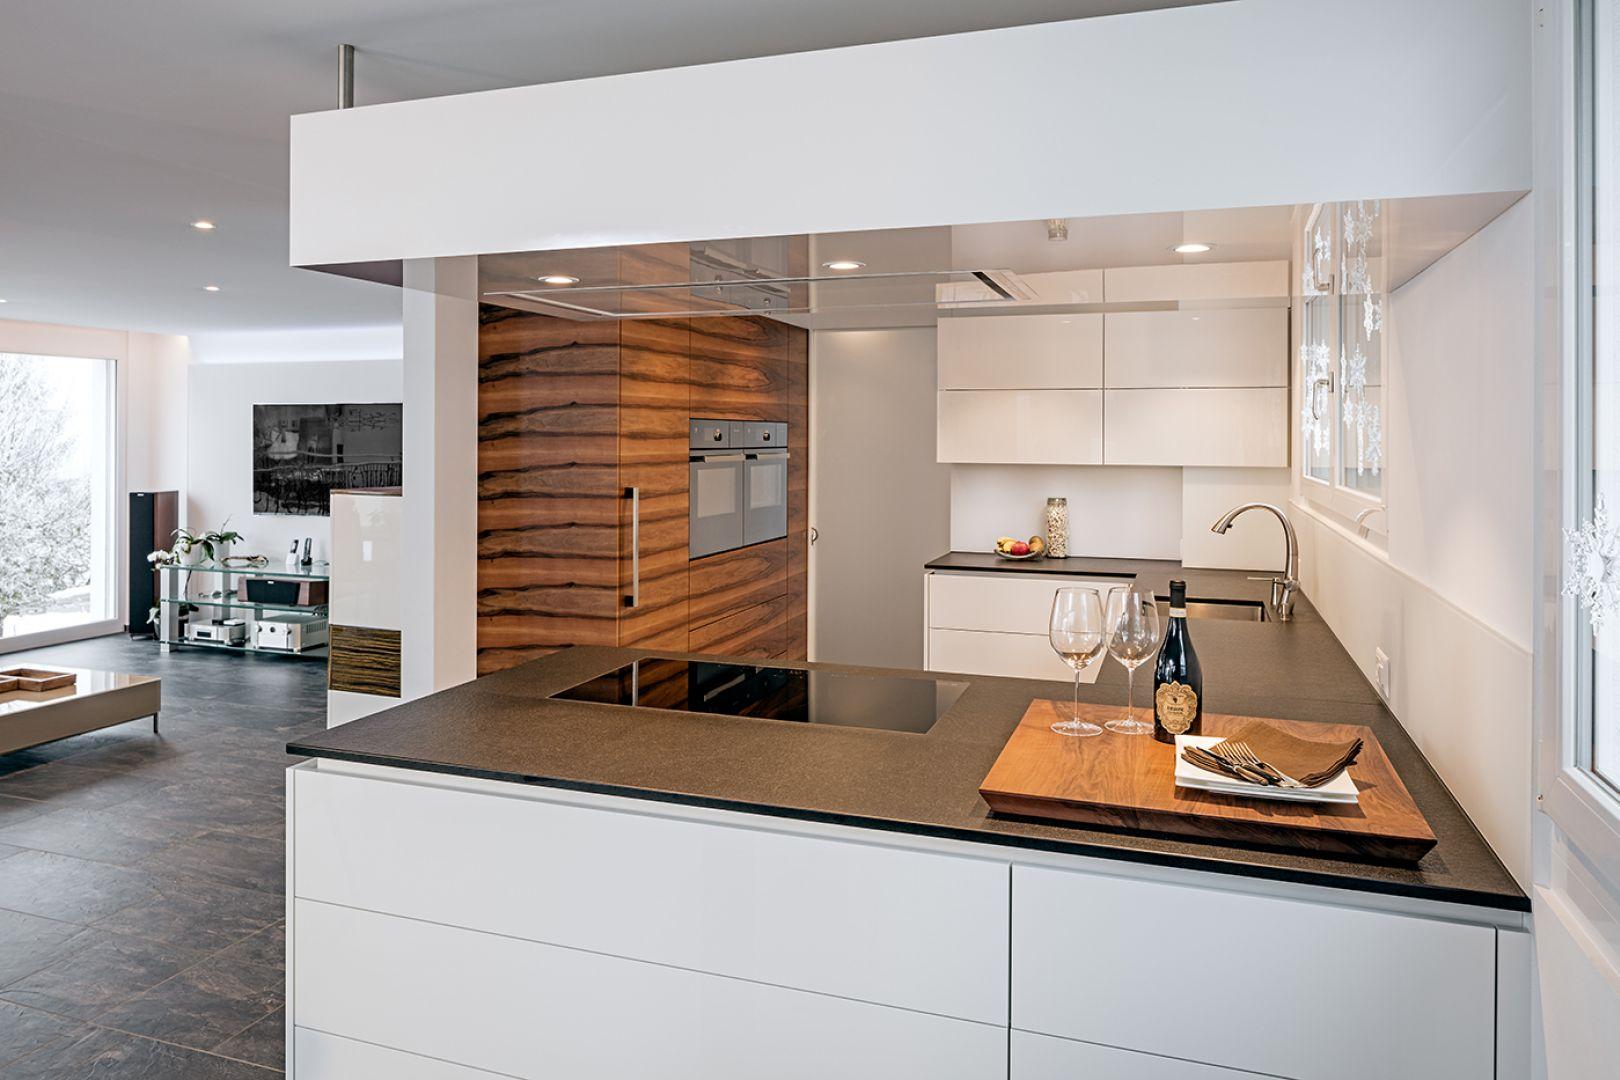 detailansicht furrer k chen. Black Bedroom Furniture Sets. Home Design Ideas